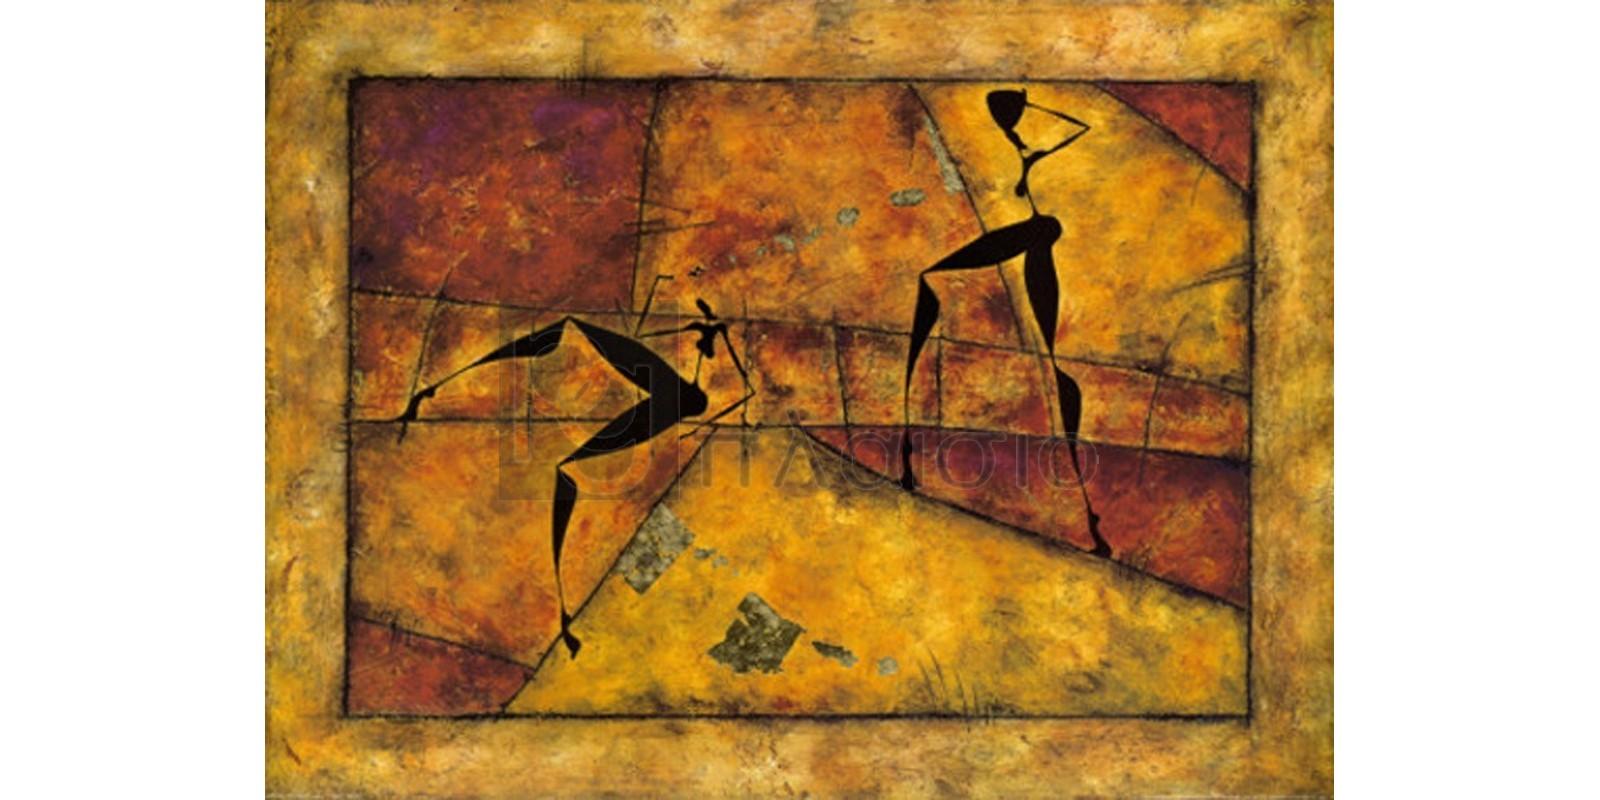 Roberto Fantini - Era finita la pioggia